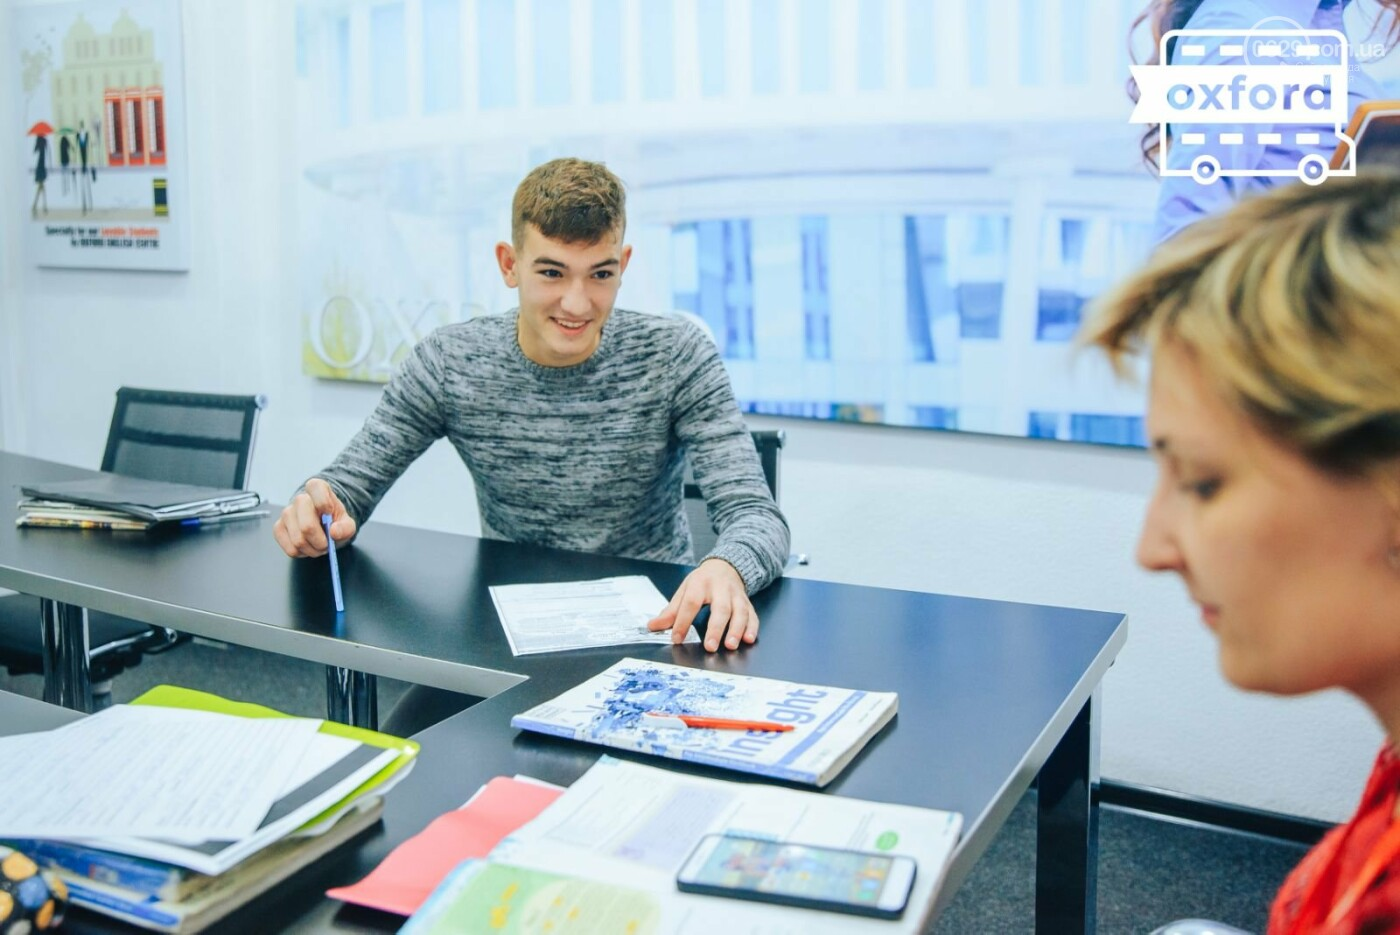 Английский для детей  в лучшей английской школе «OXFORD»! Стартовал осенний набор!, фото-8